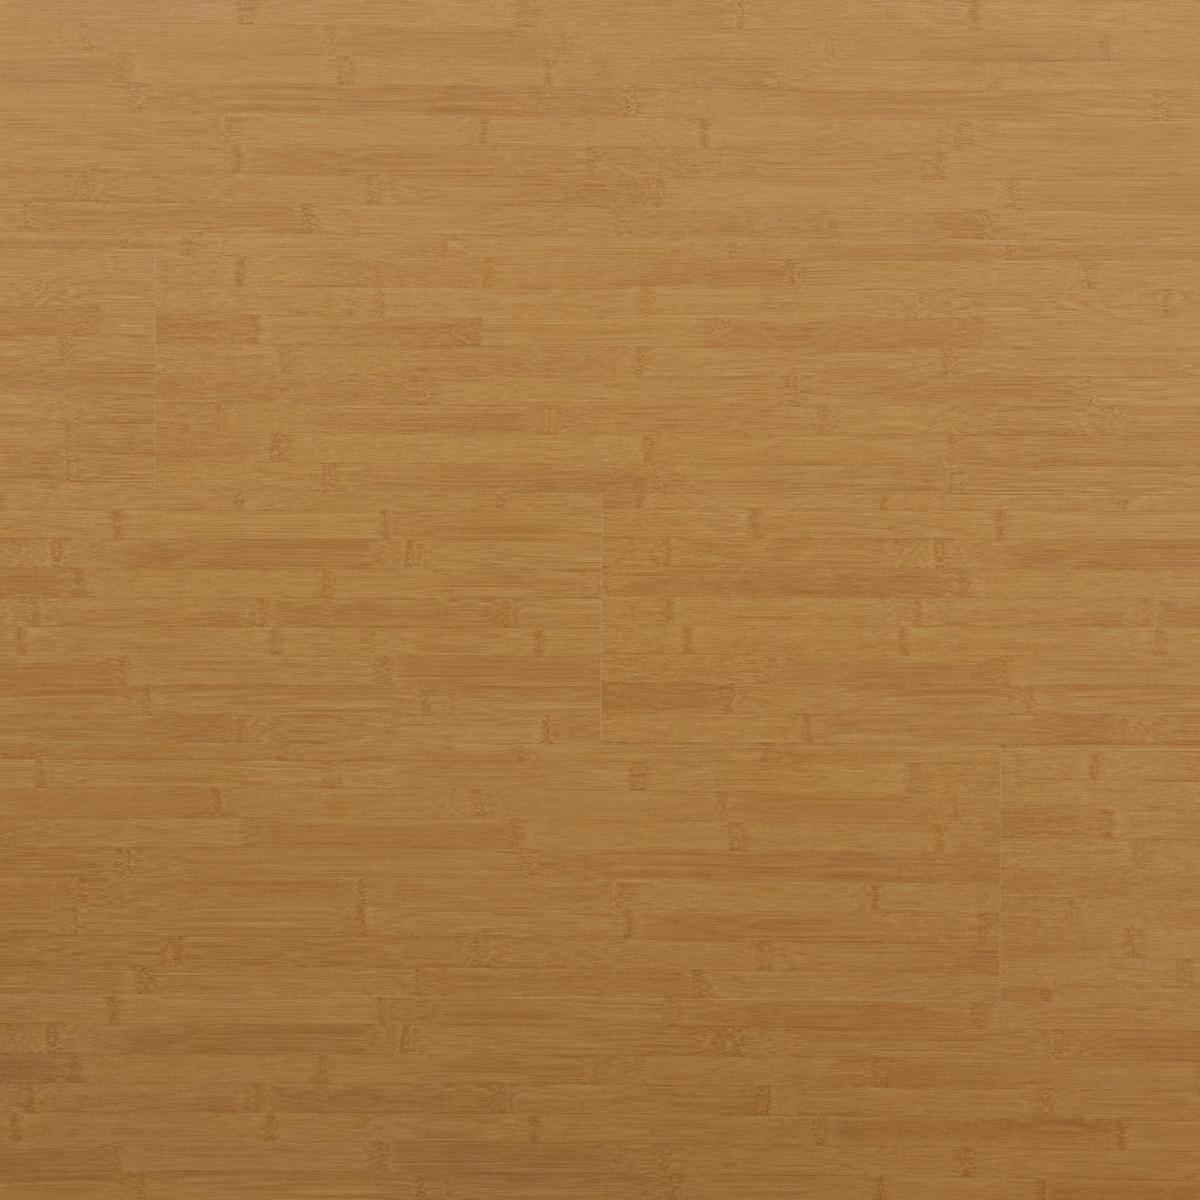 Ламинат Бамбук 31 класс толщина 6 мм 2.663 м²